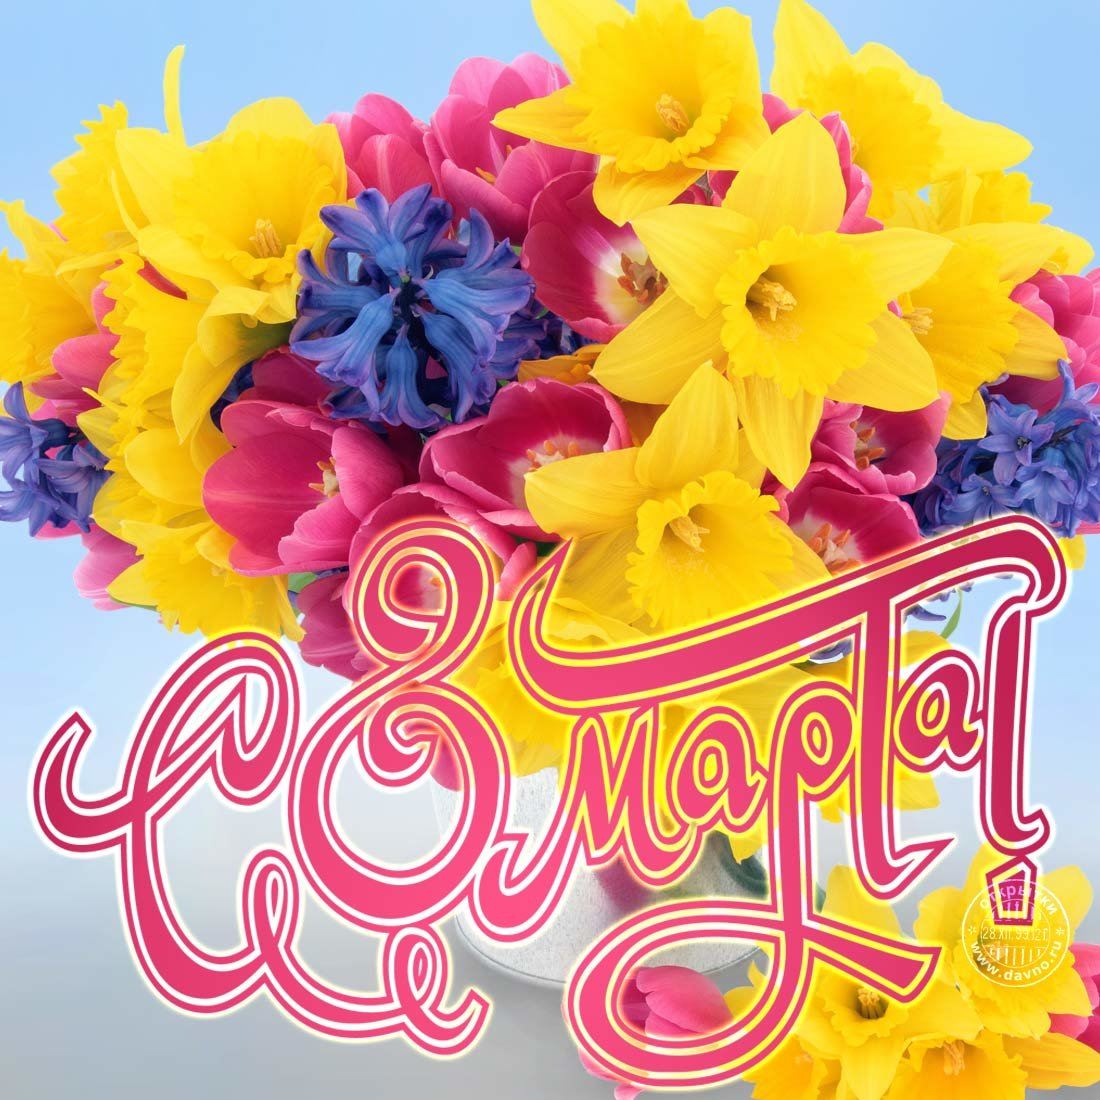 Картинки с надписями с 8 марта красивые счастья и радости